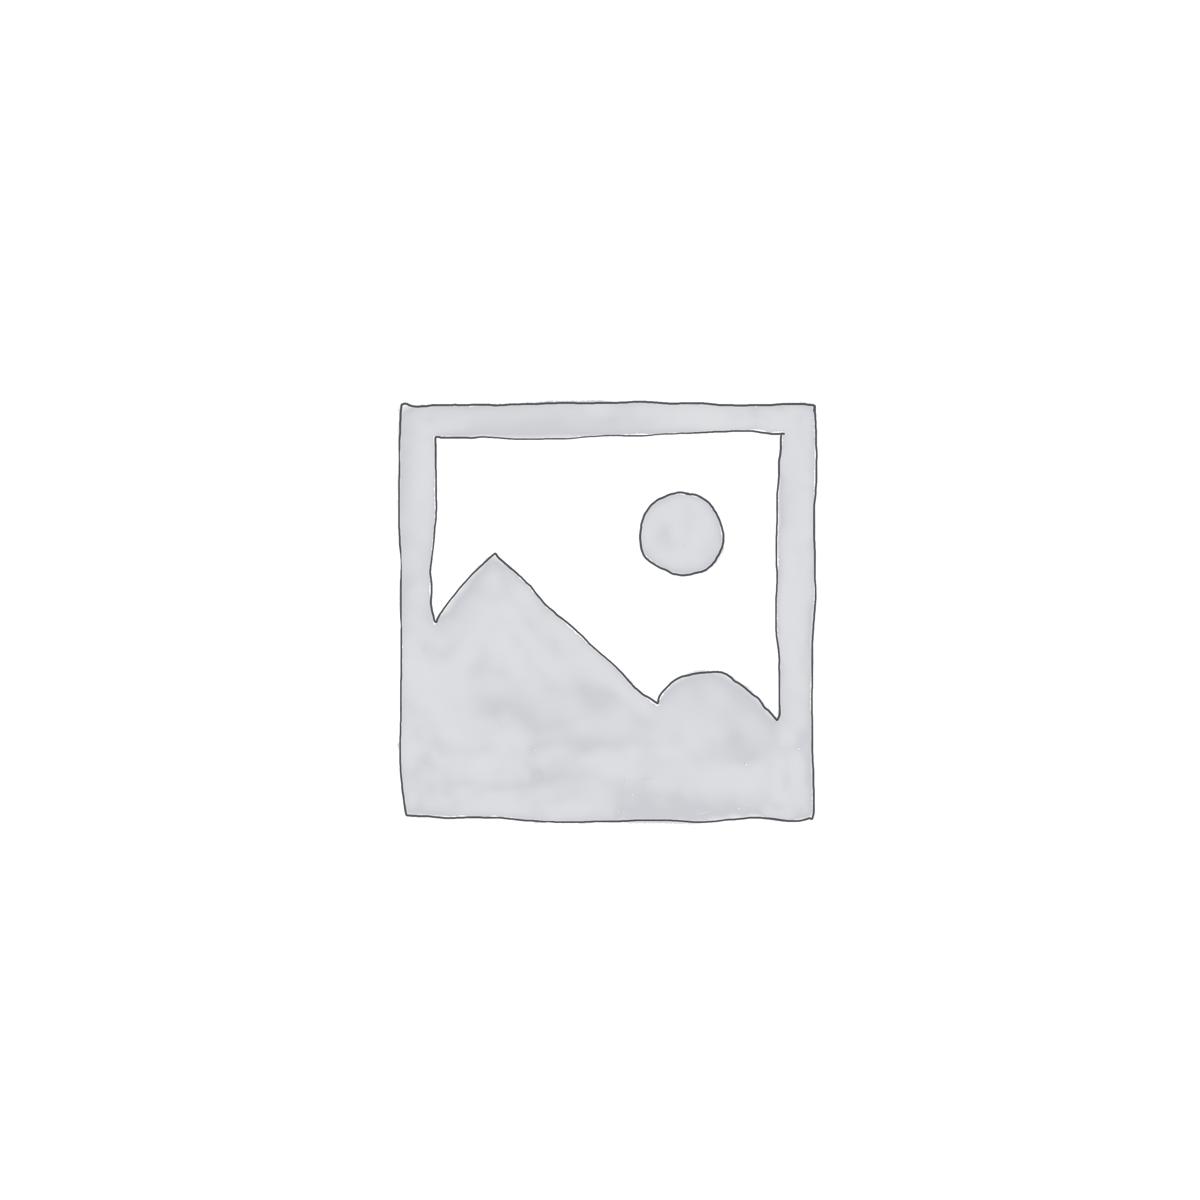 Đèn halogen sương mù IPF gắn cản  – XL21 REV X2 WHITE/GOLD